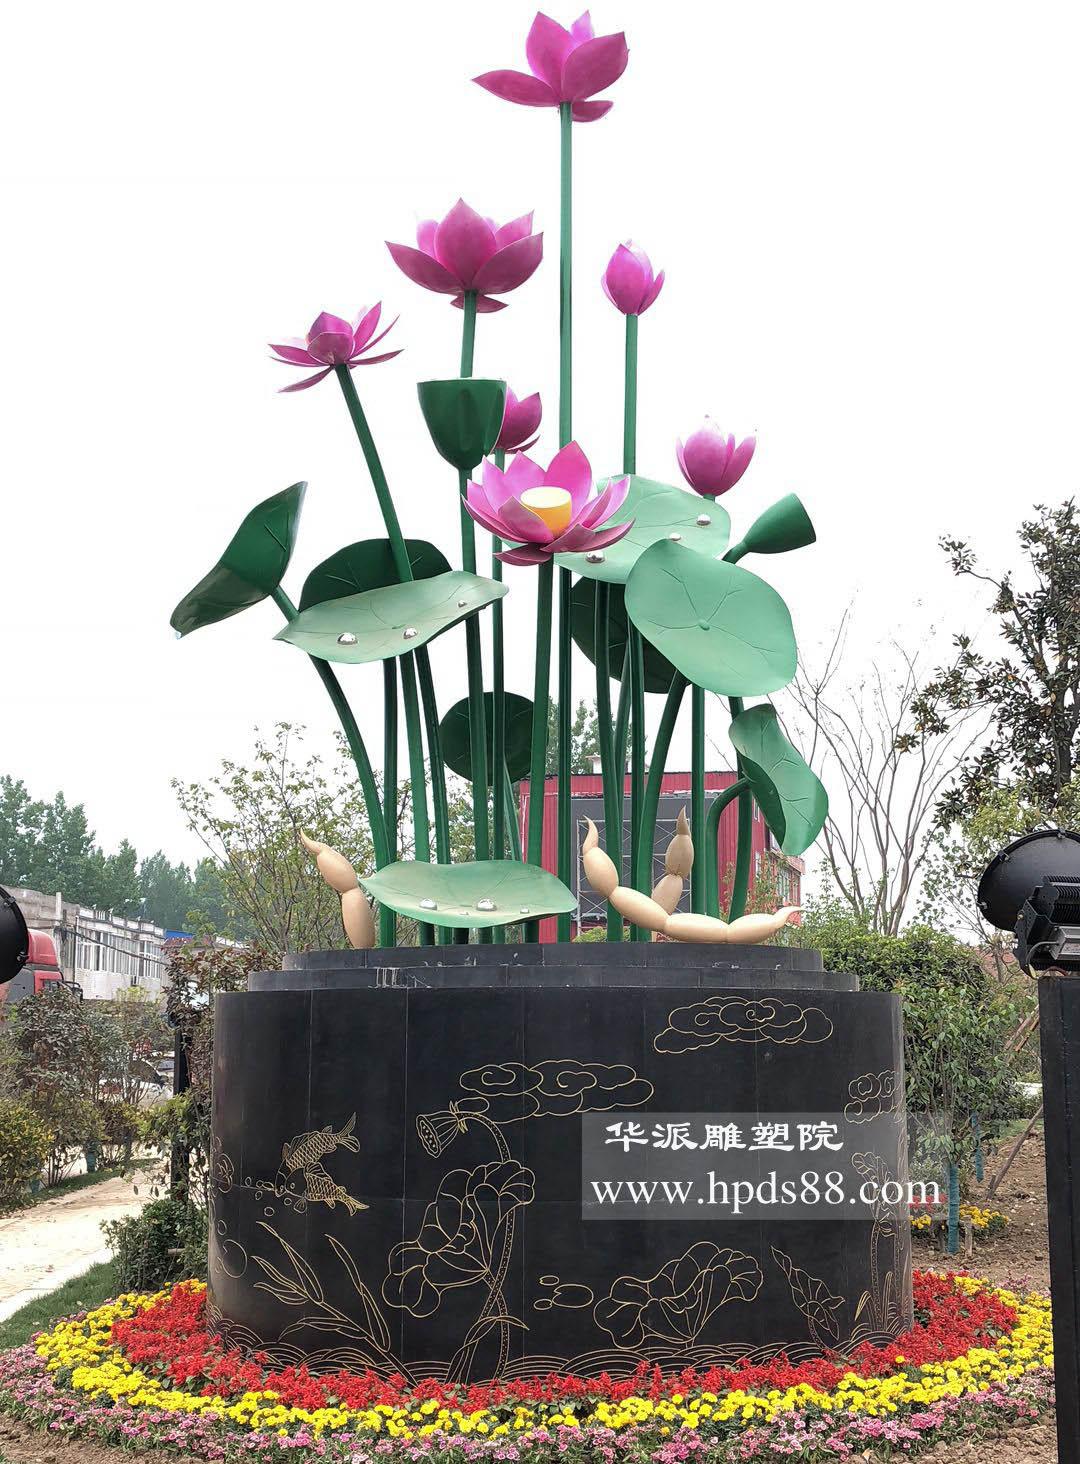 """阜南县""""莲花小镇""""美丽乡村雕塑——莲花文化"""